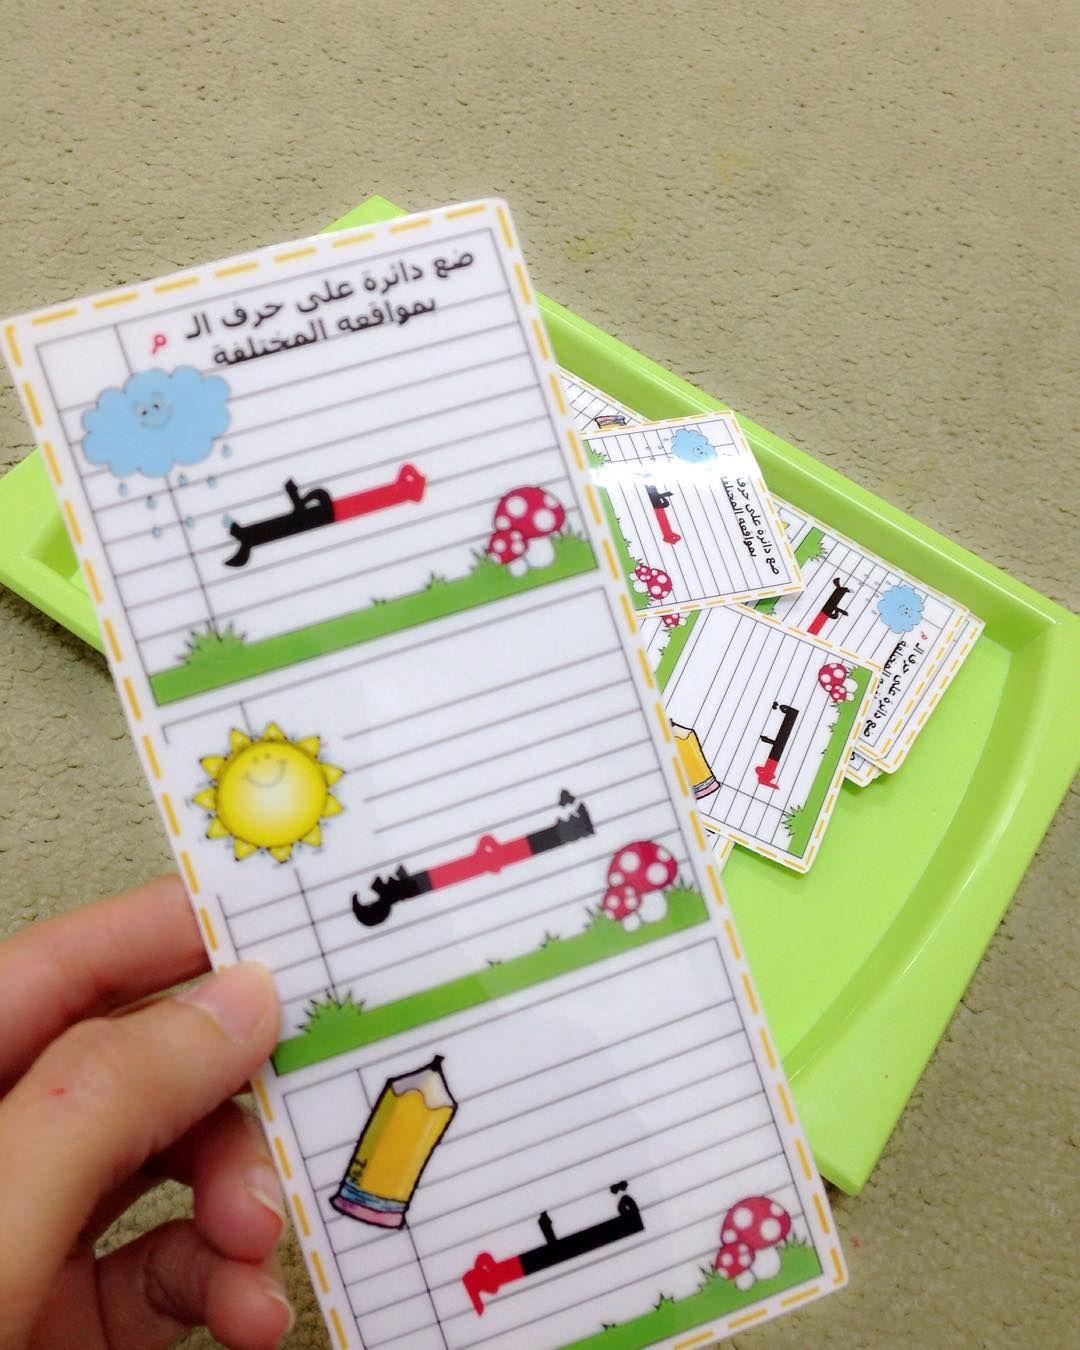 آمنة خلفان الشحي معلمة اطفال On Instagram لعبة فرديه لحرف الميم تحديد مواقع Shape Activities Preschool Alphabet Worksheets Preschool Arabic Alphabet Letters